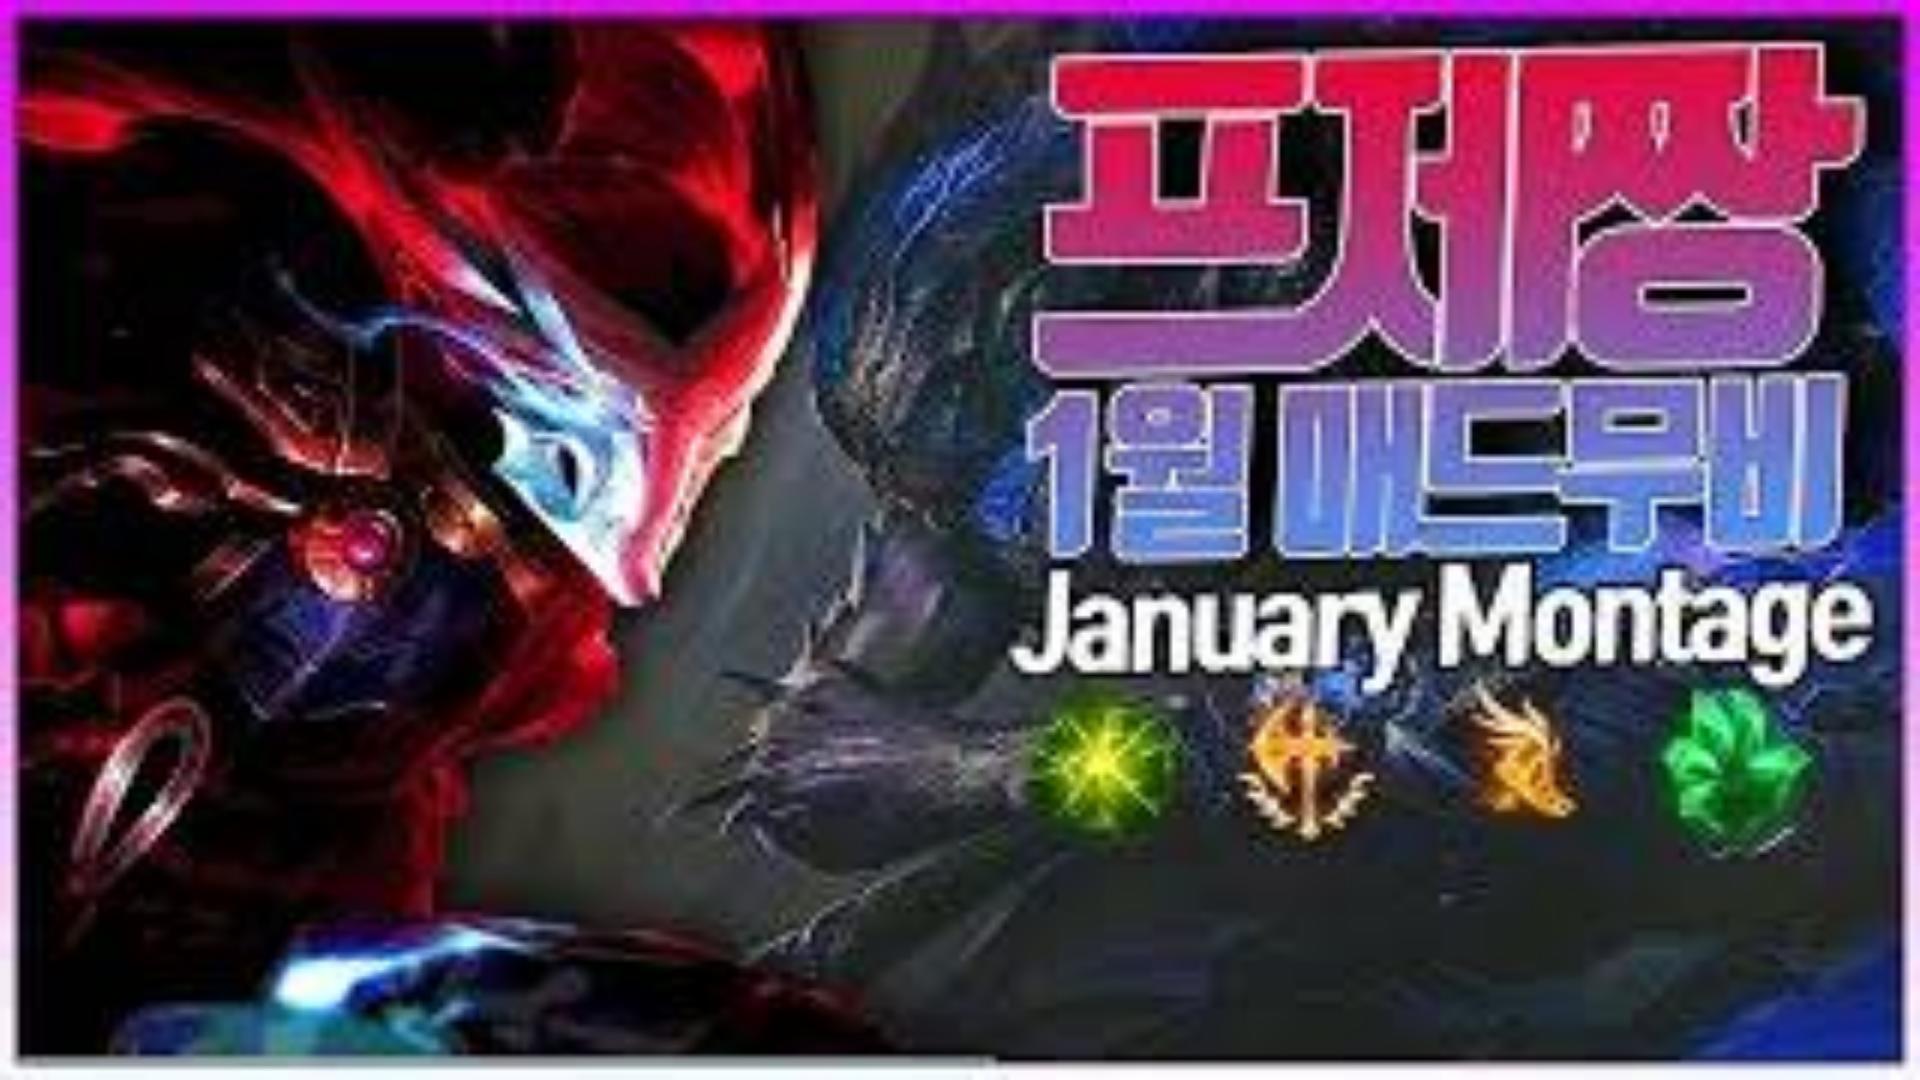 韩服第一亚索프제짱 1月精彩操作